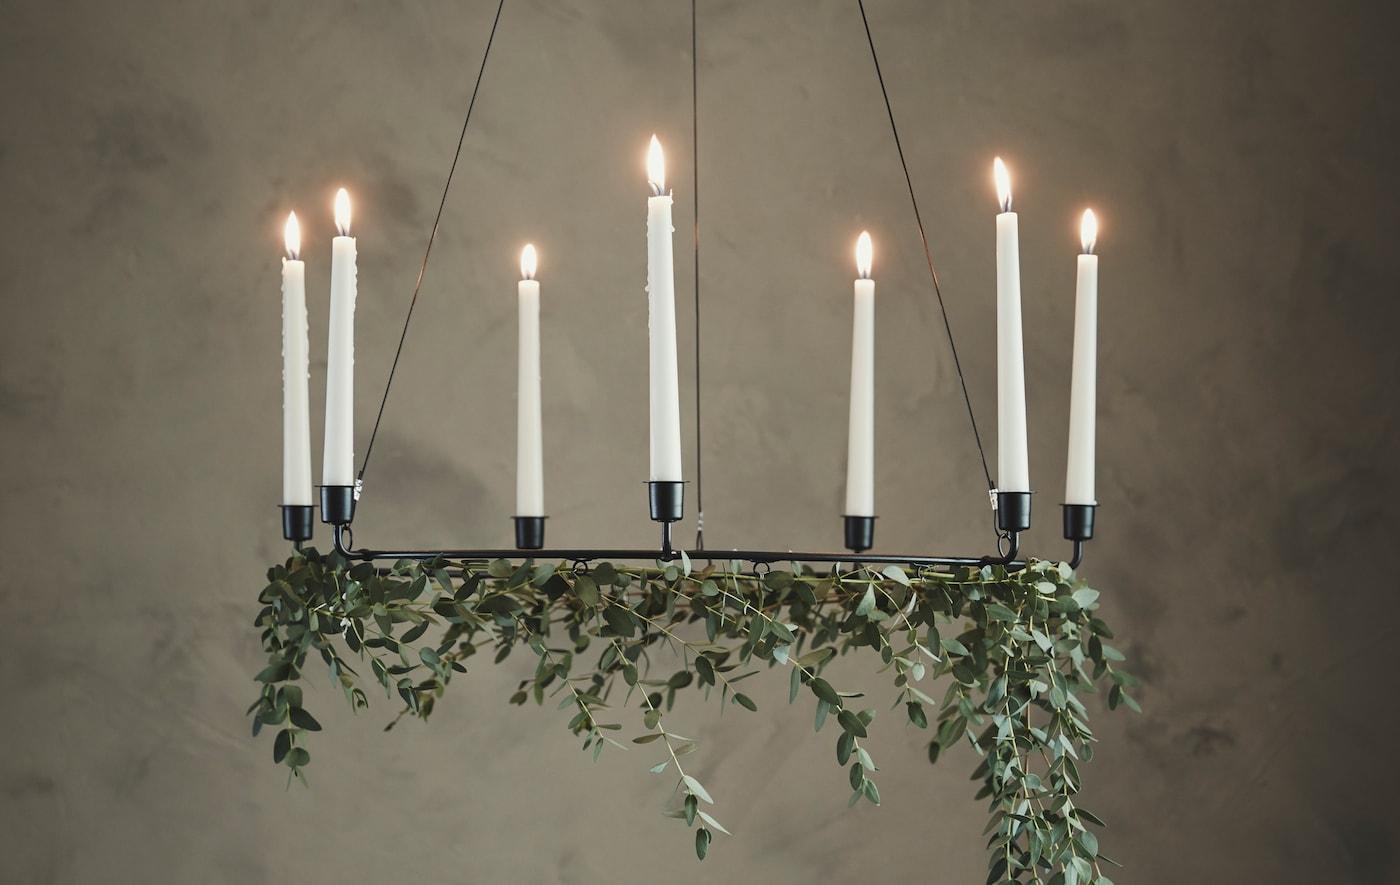 Mettez un peu de verdure dans votre chambre pour les fêtes. Décorez le cadre de lit avec des plantes. IKEA propose un vaste choix de cadres de lit modernes, comme GJÖRA, en bouleau. Utilisez la partie la plus basse comme tête de lit, ou le contraire. Personnalisez-le en y accrochant des fleurs ou du tissu.